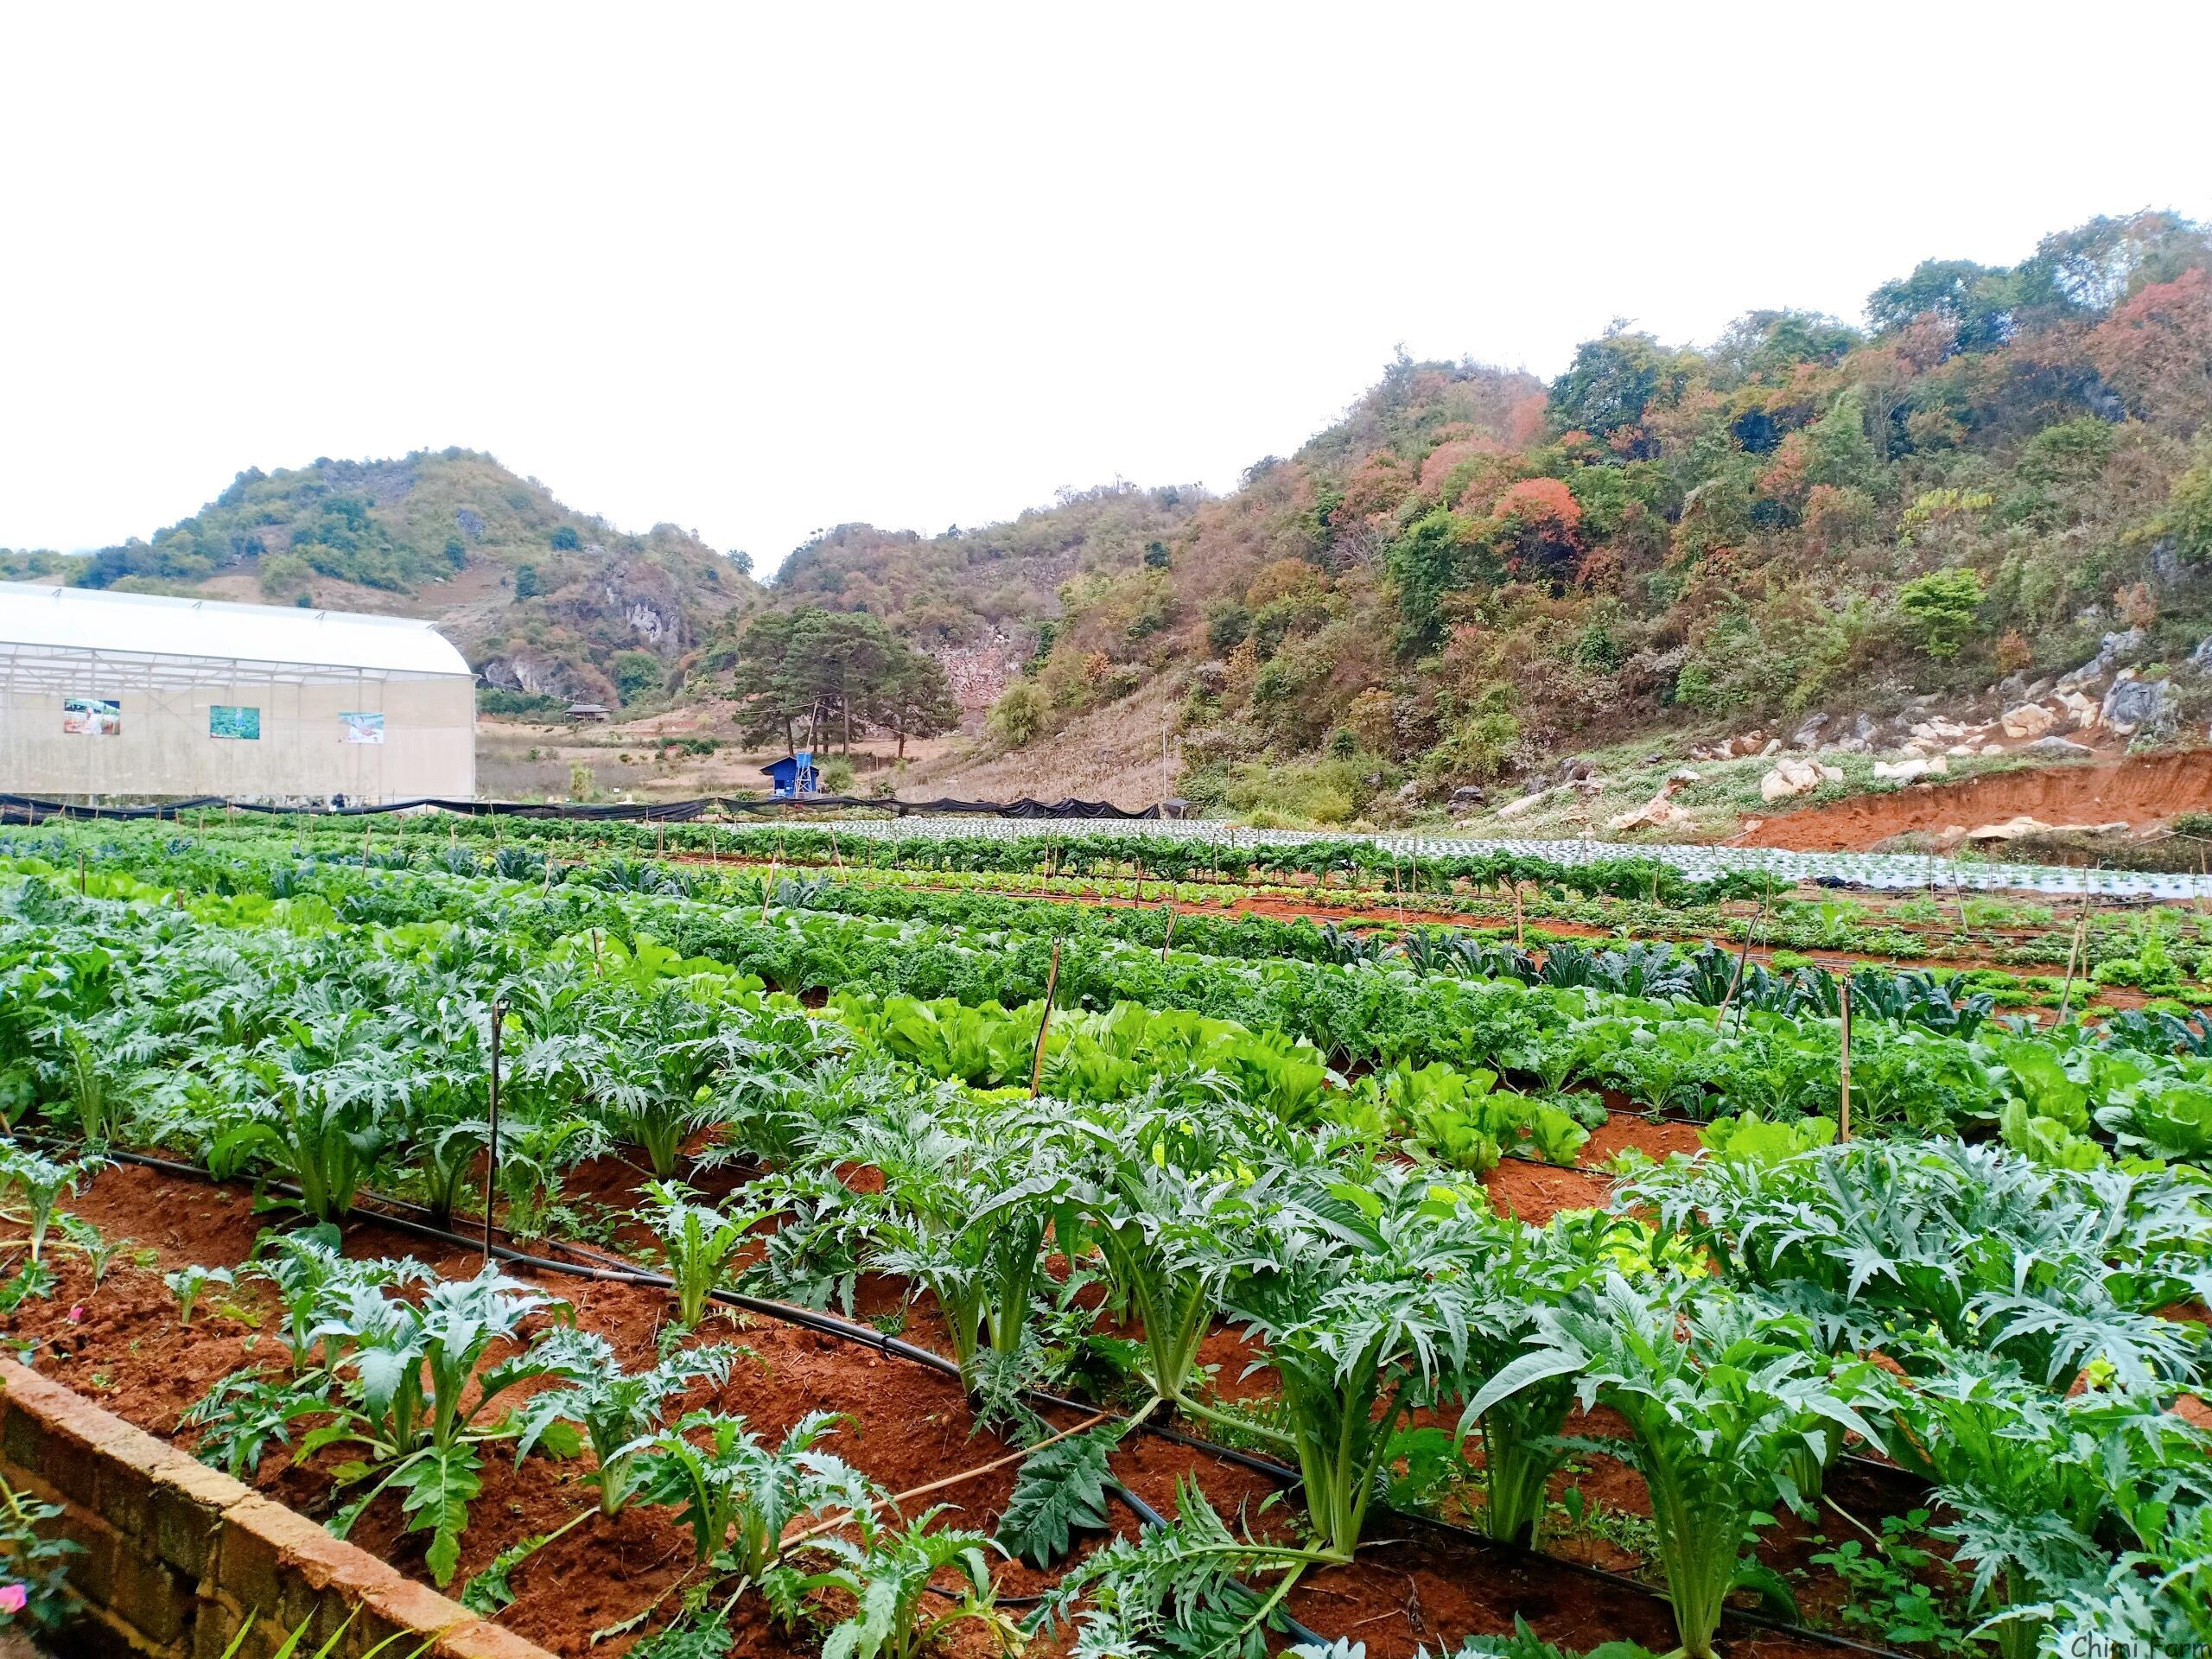 Vườn rau xanh ngát của trang trại Chimi hút hồn du khách